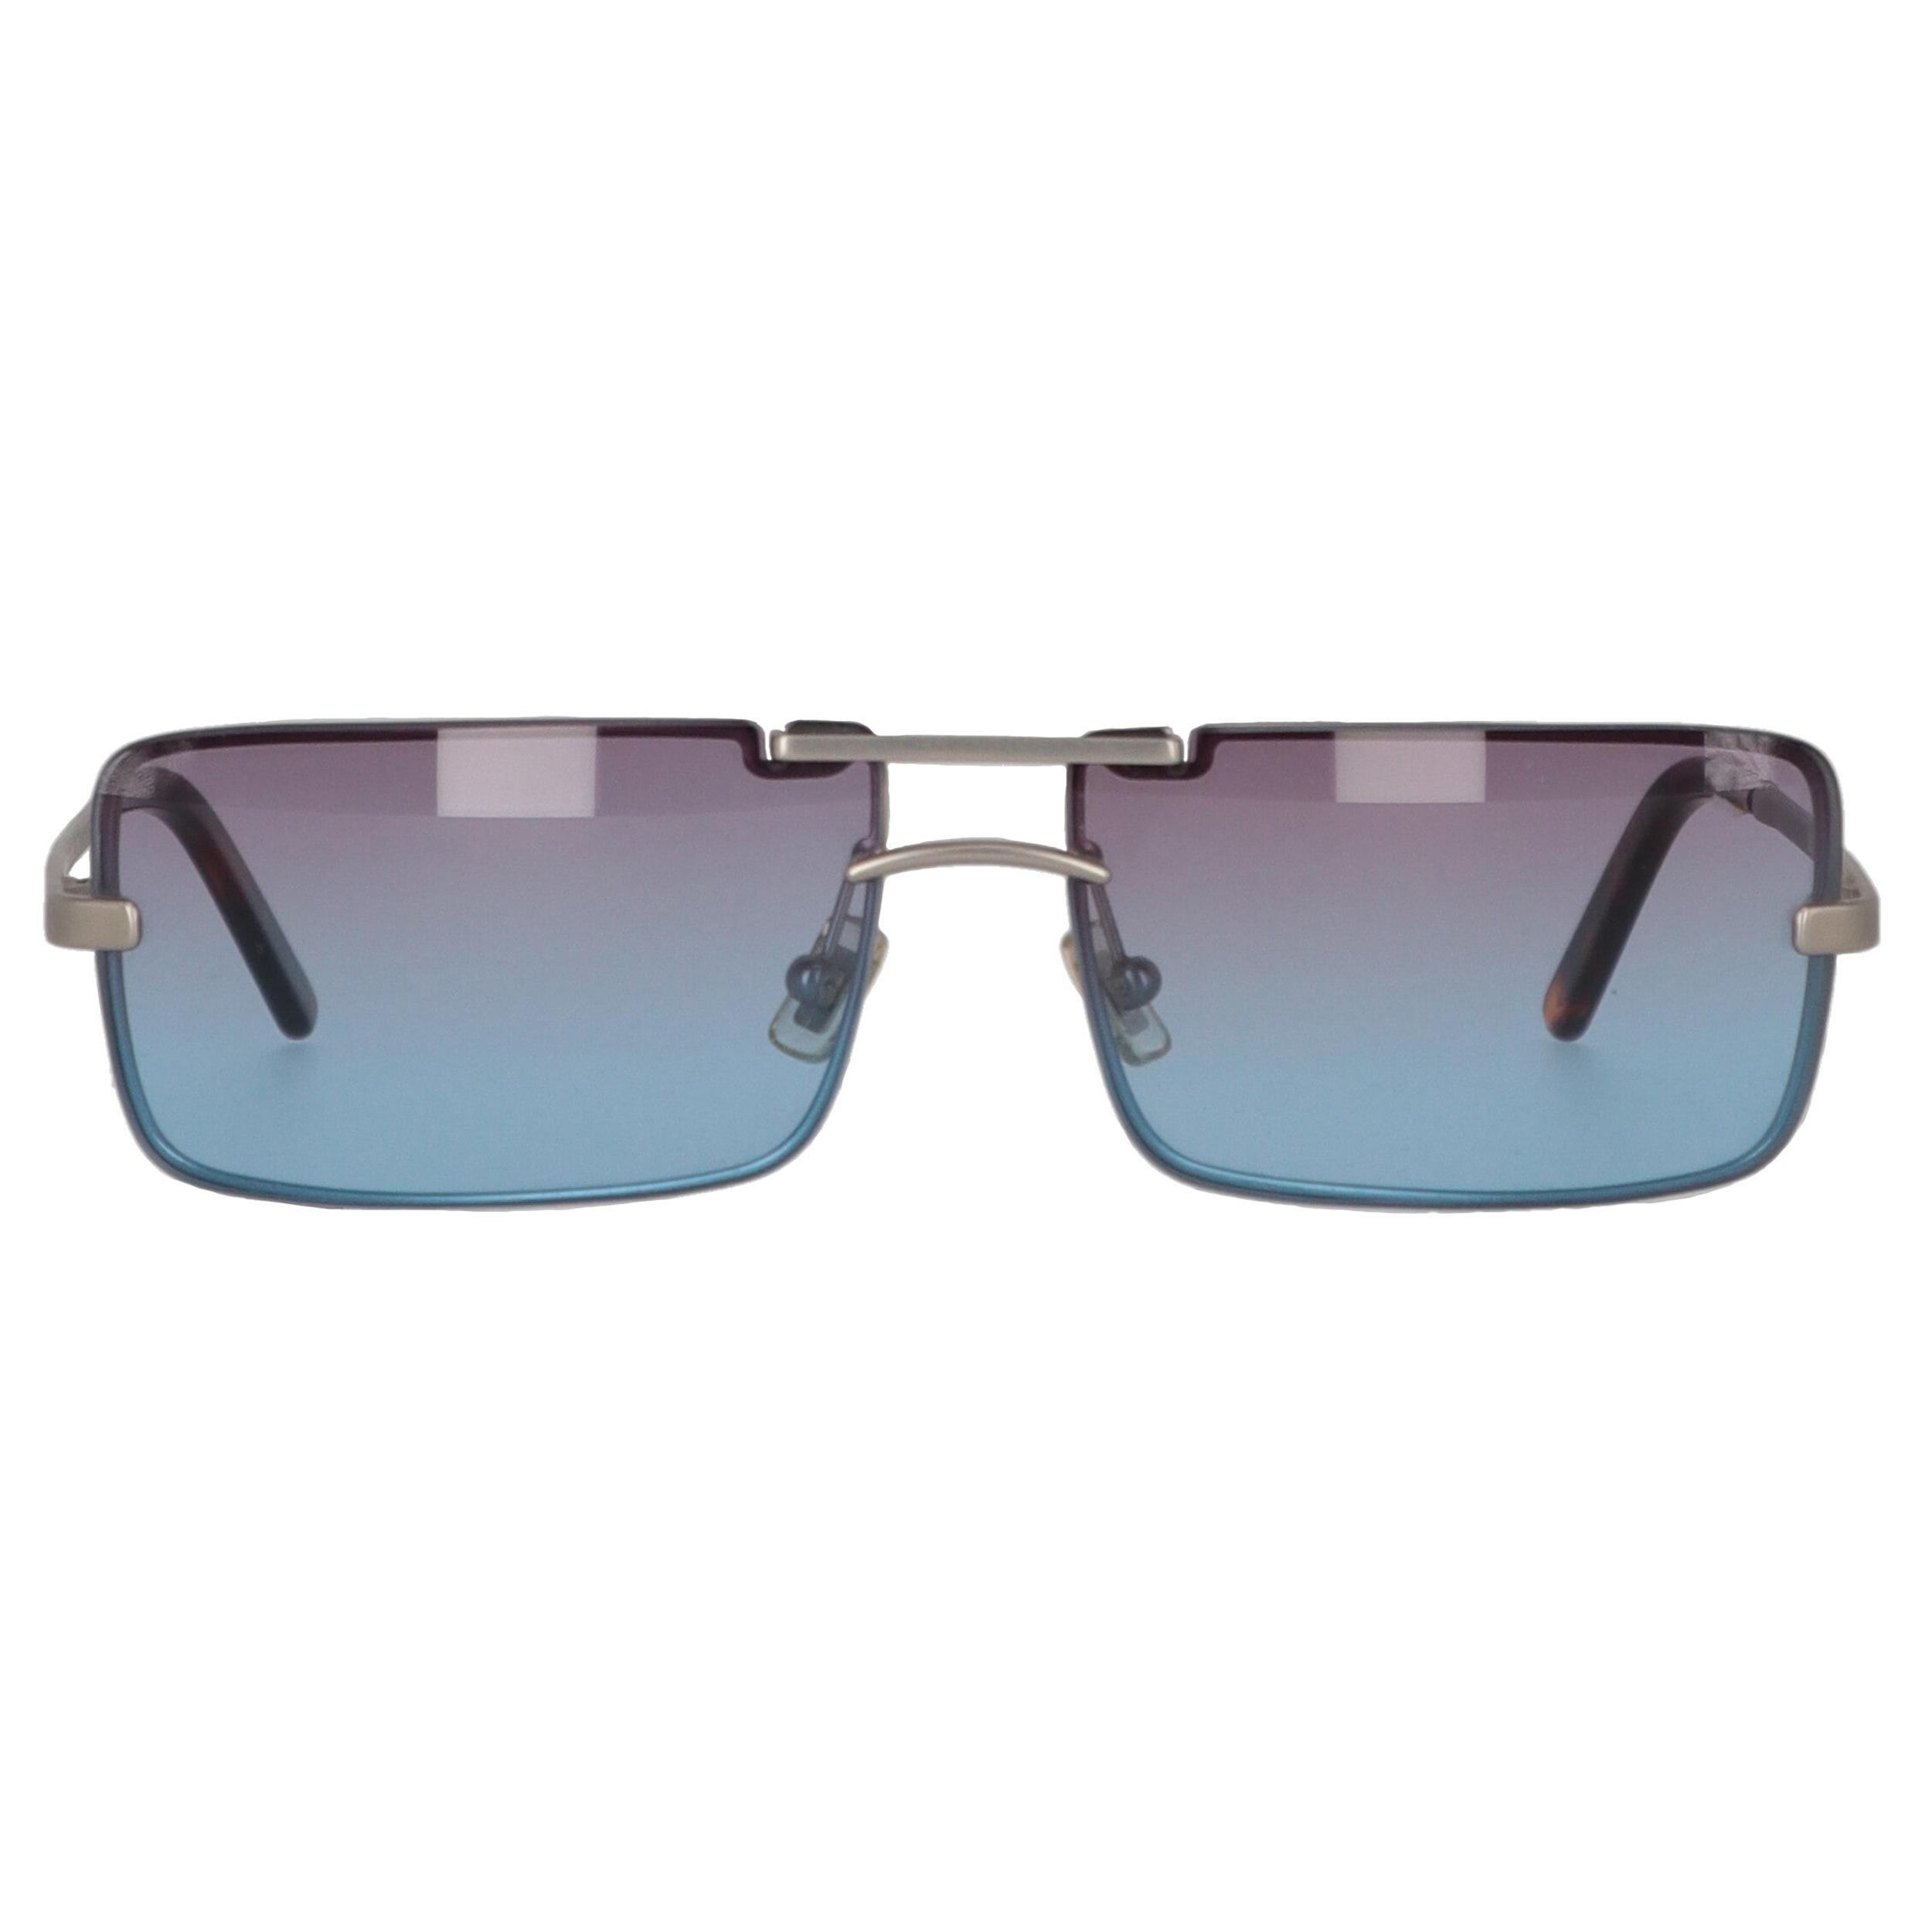 2000s Miu Miu Shaded Sunglasses